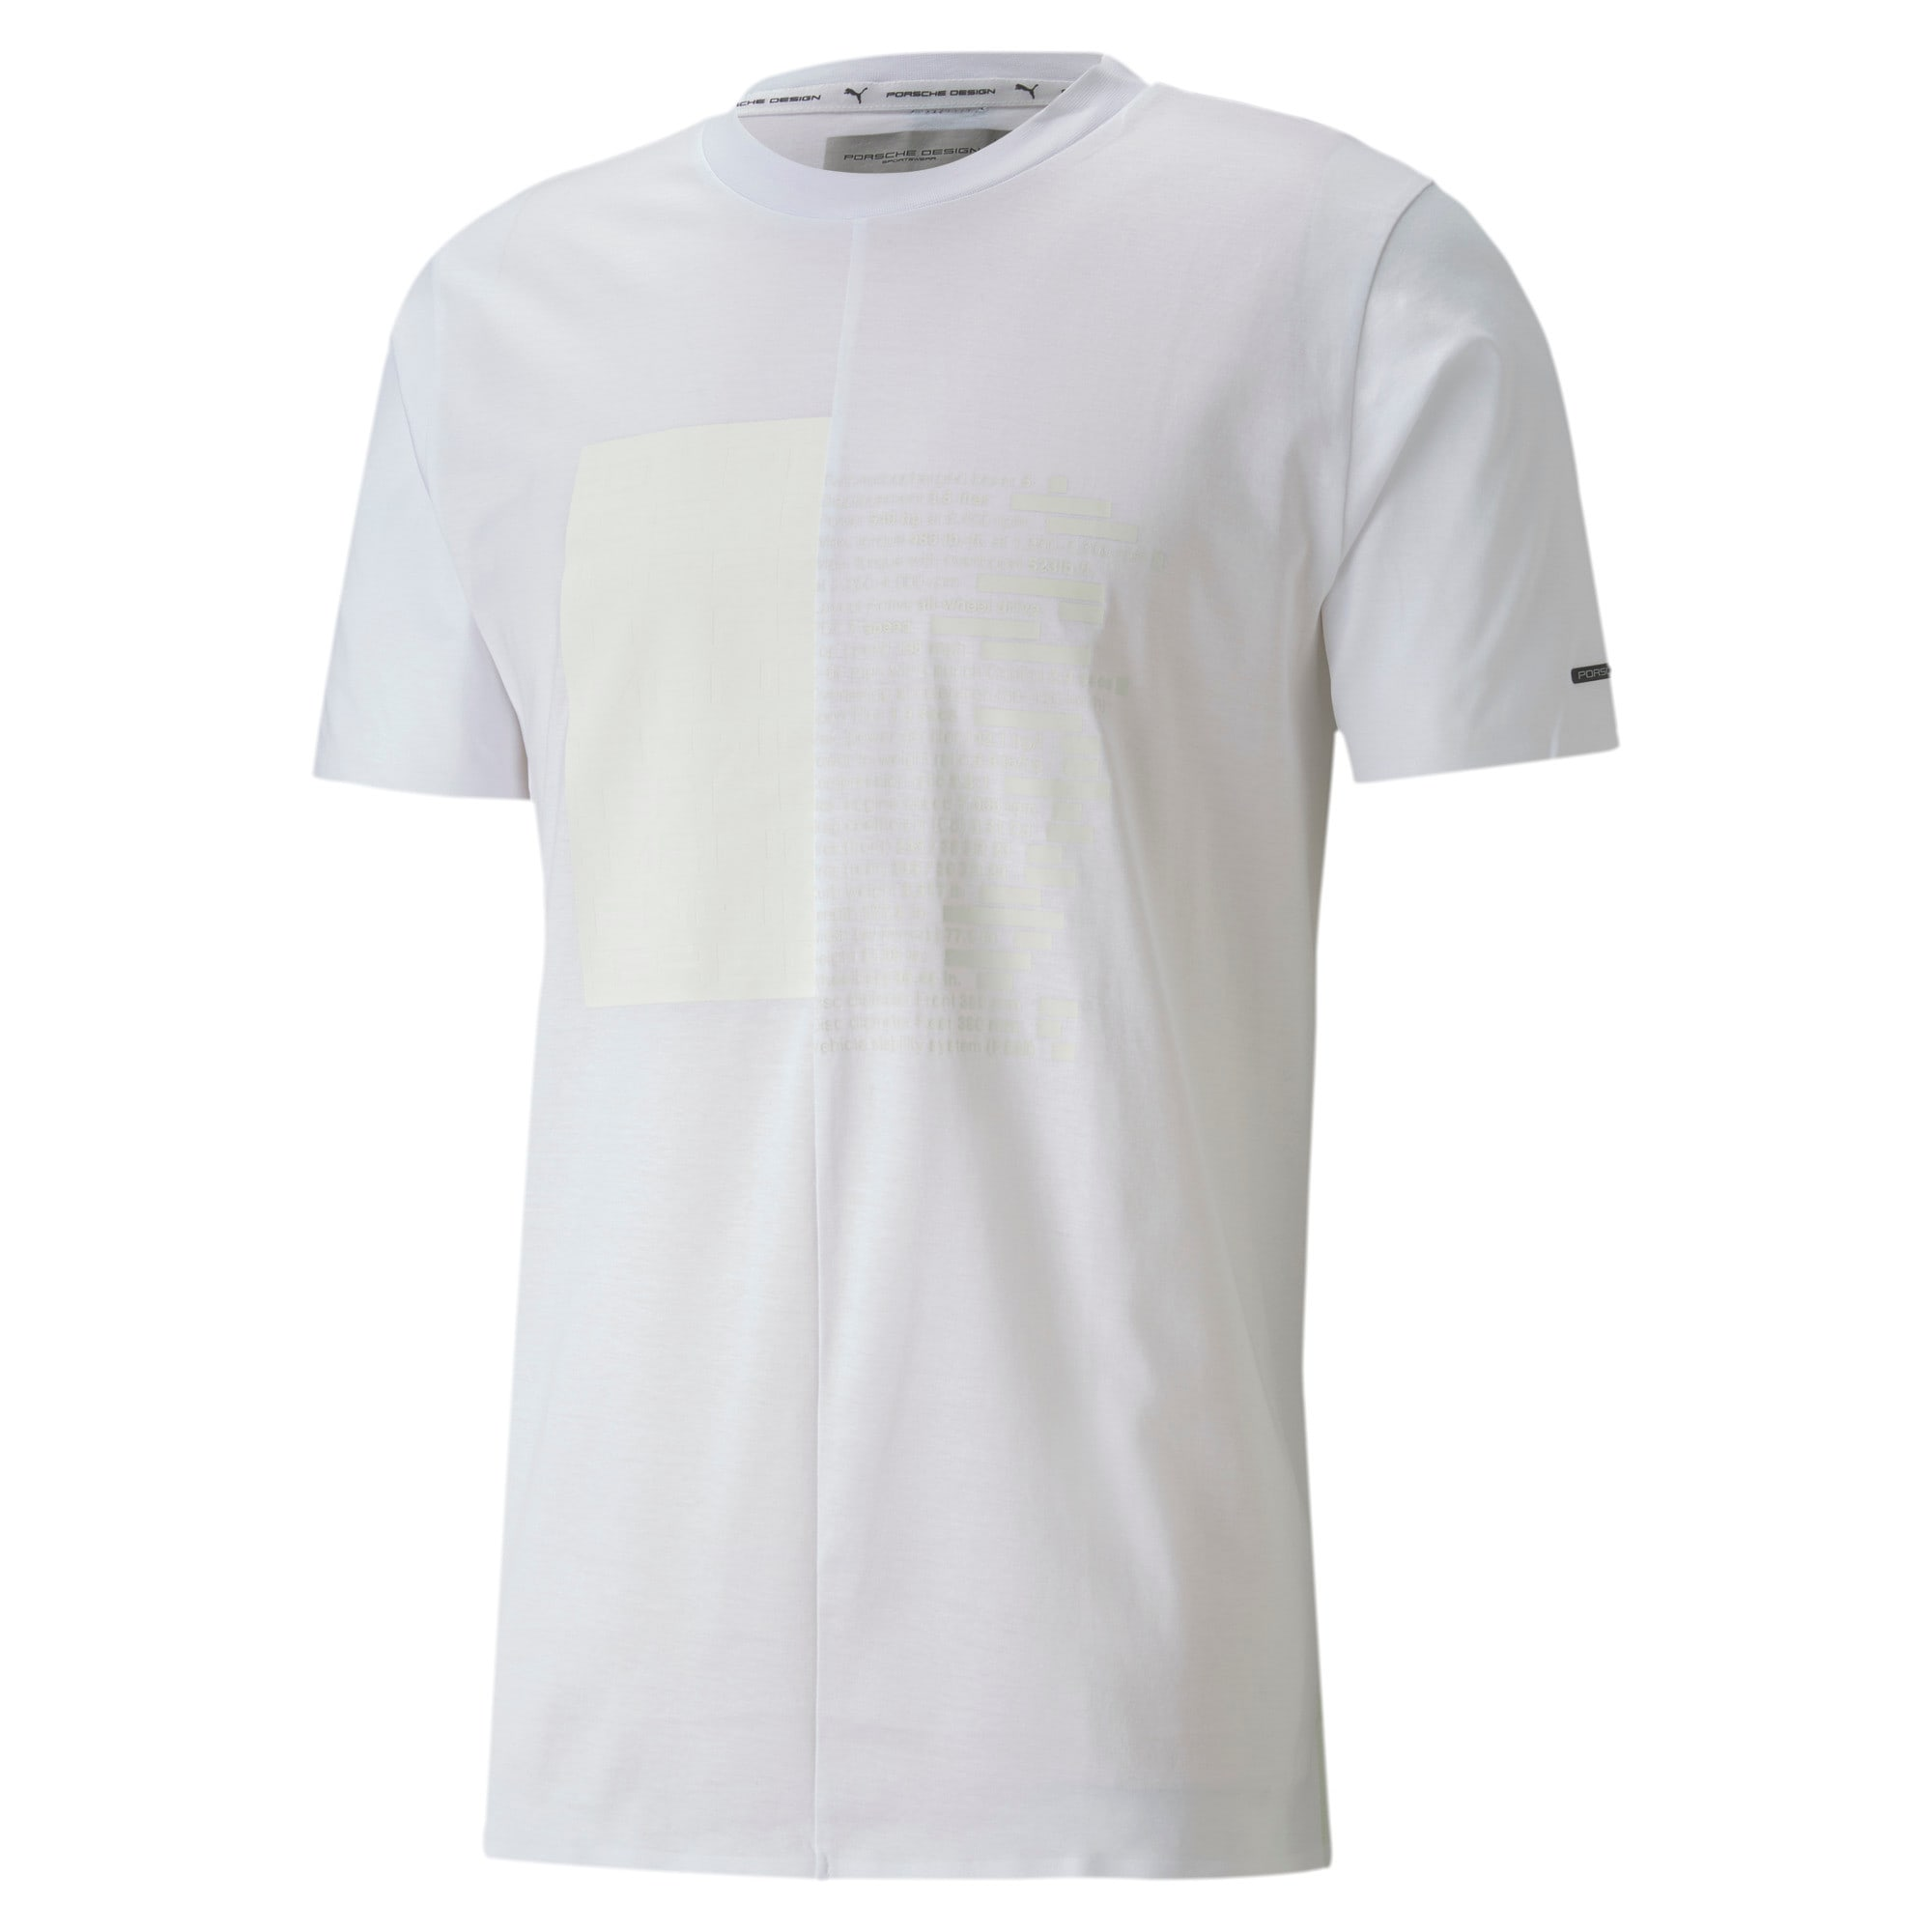 Thumbnail 4 of M ポルシェデザイン PD グラフィック Tシャツ, Puma White, medium-JPN